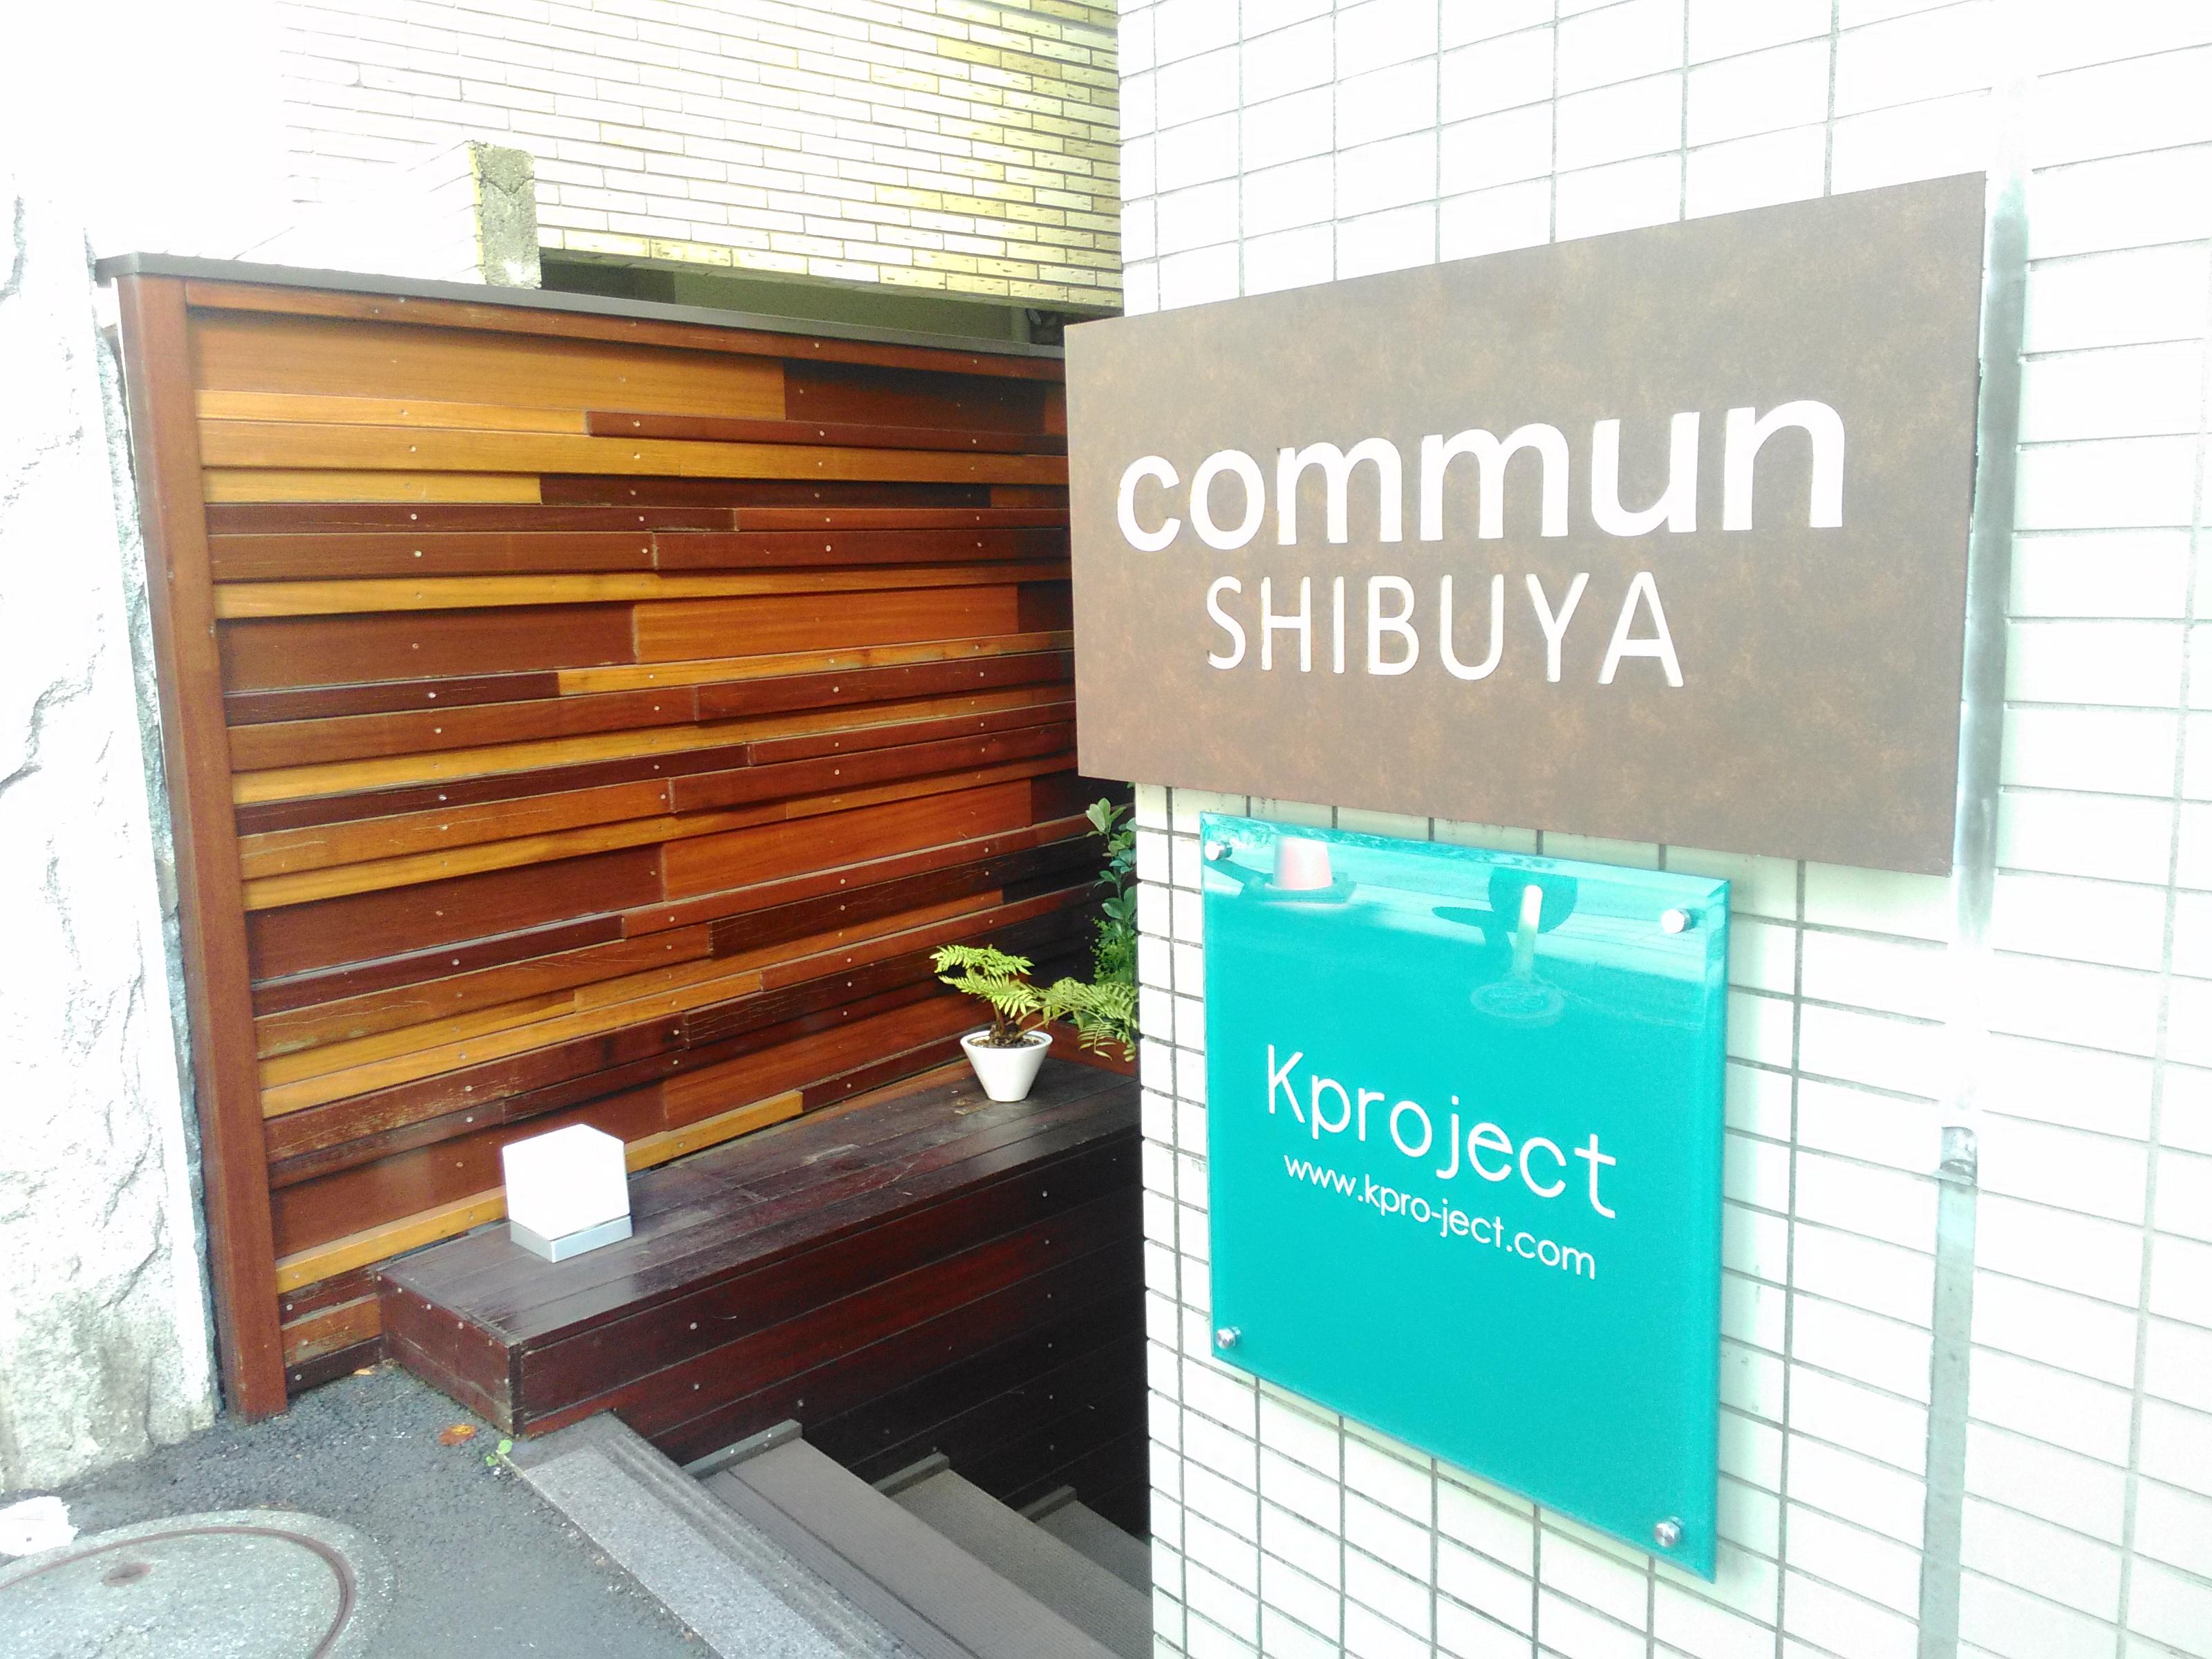 渋谷、コワーキングスペース、commun、コミュン、個室、安い、快適、レビュー